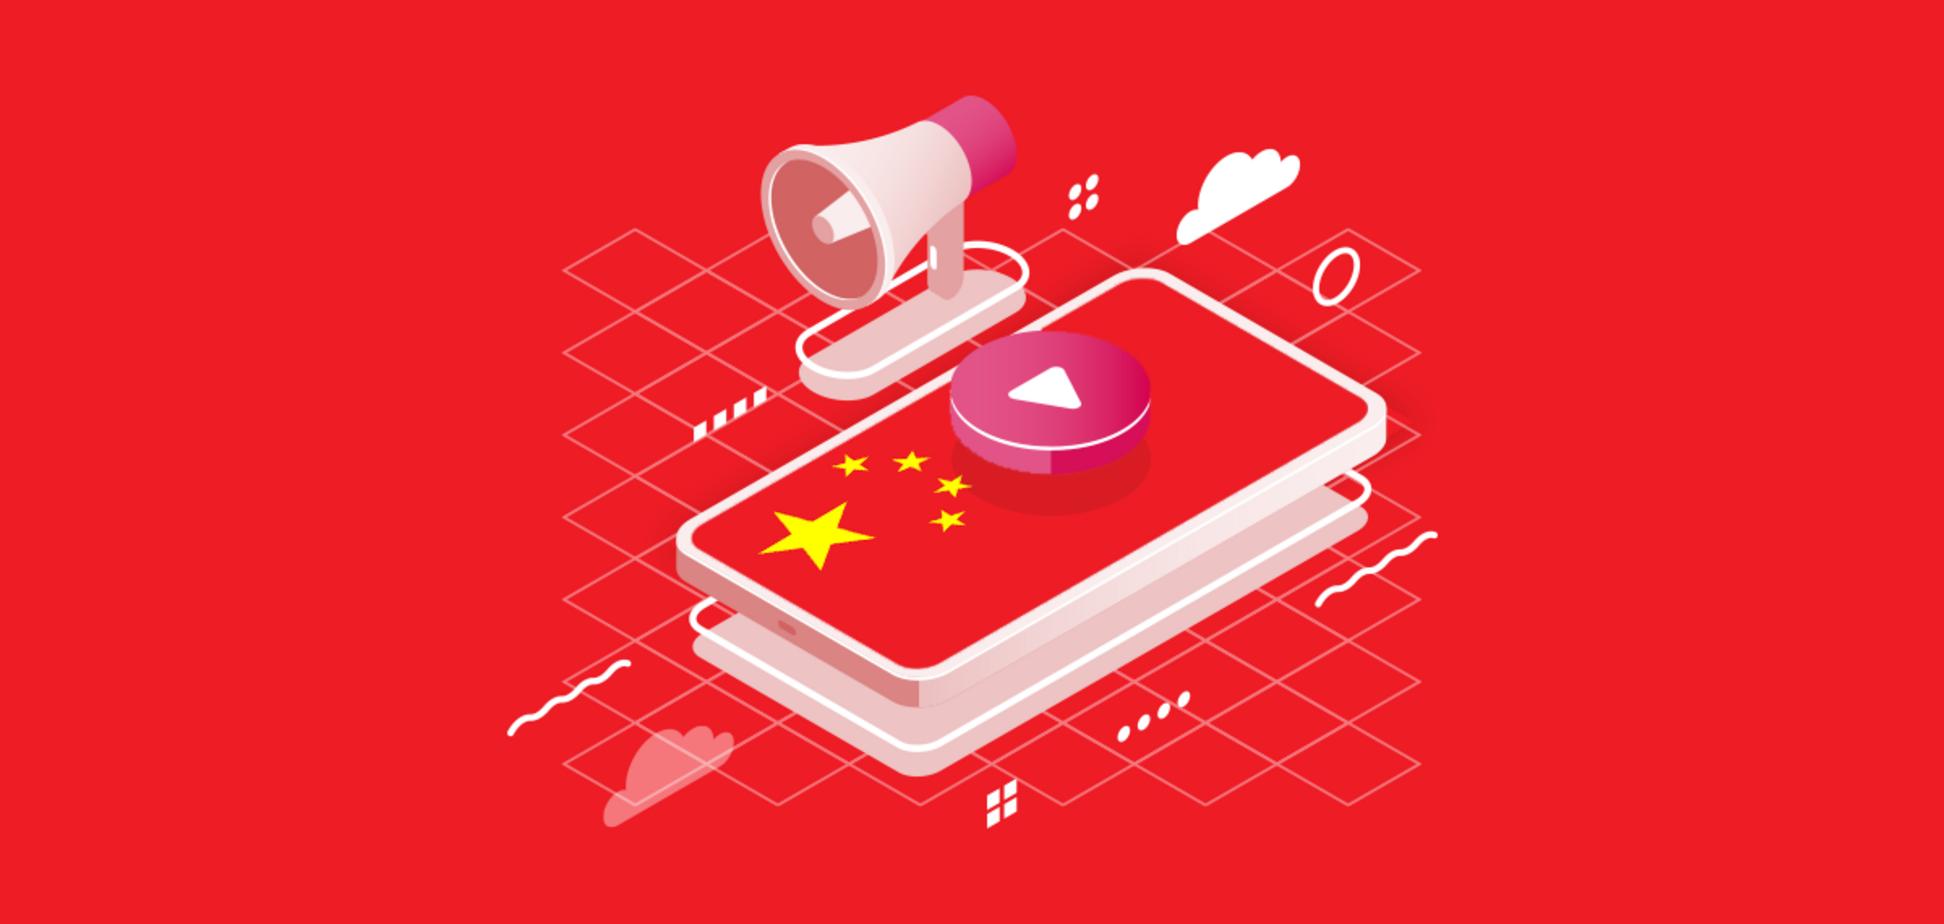 Технологічна політика Китаю у 2021. Що зміниться в країні?